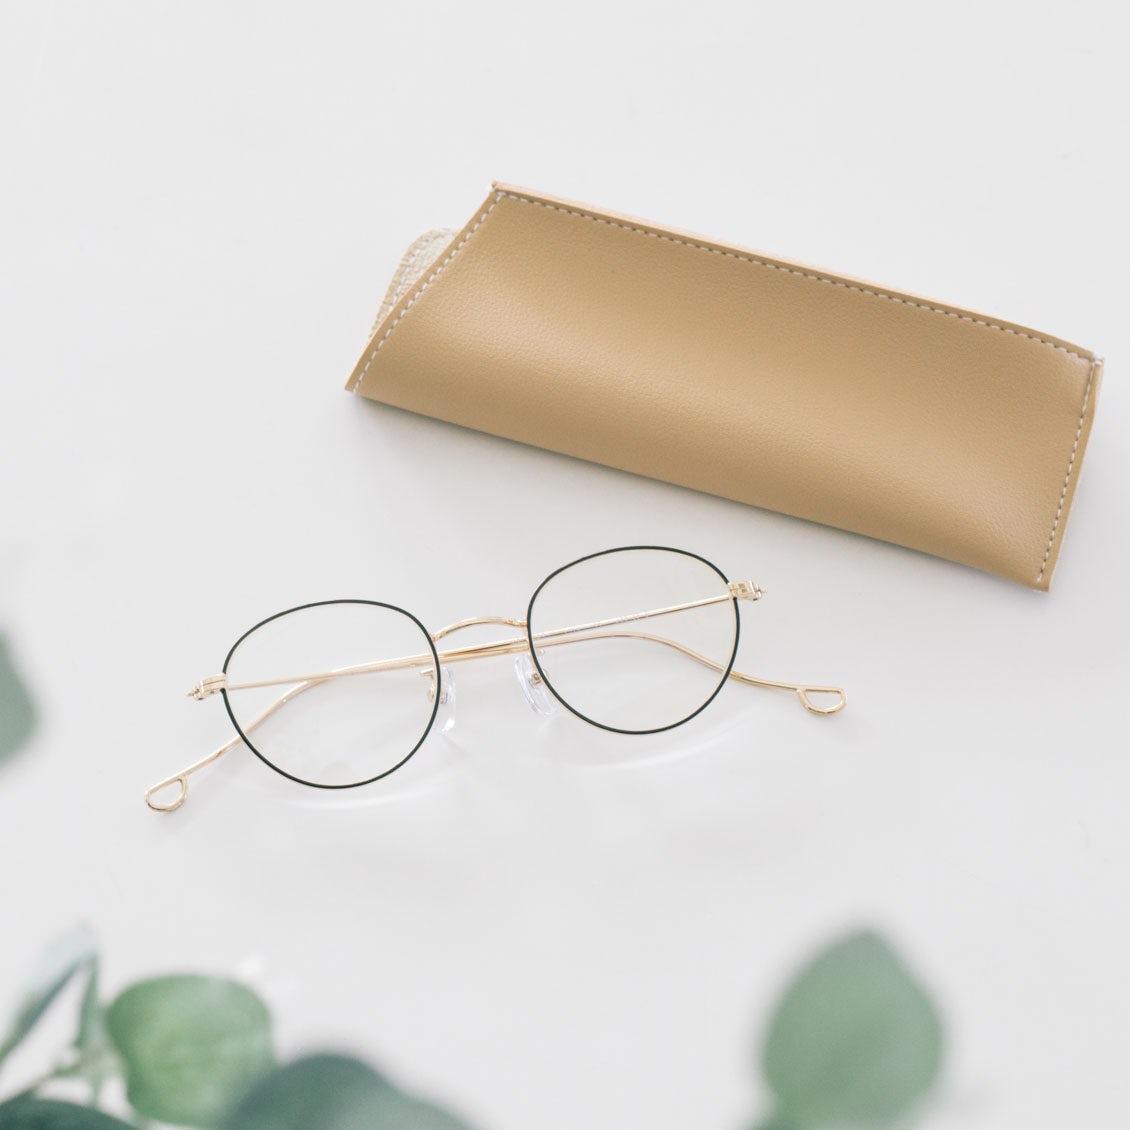 【新商品】家の中でも外でも大活躍! ブルーライト・UVカットどちらも叶えてくれる「メガネ」が登場です♪